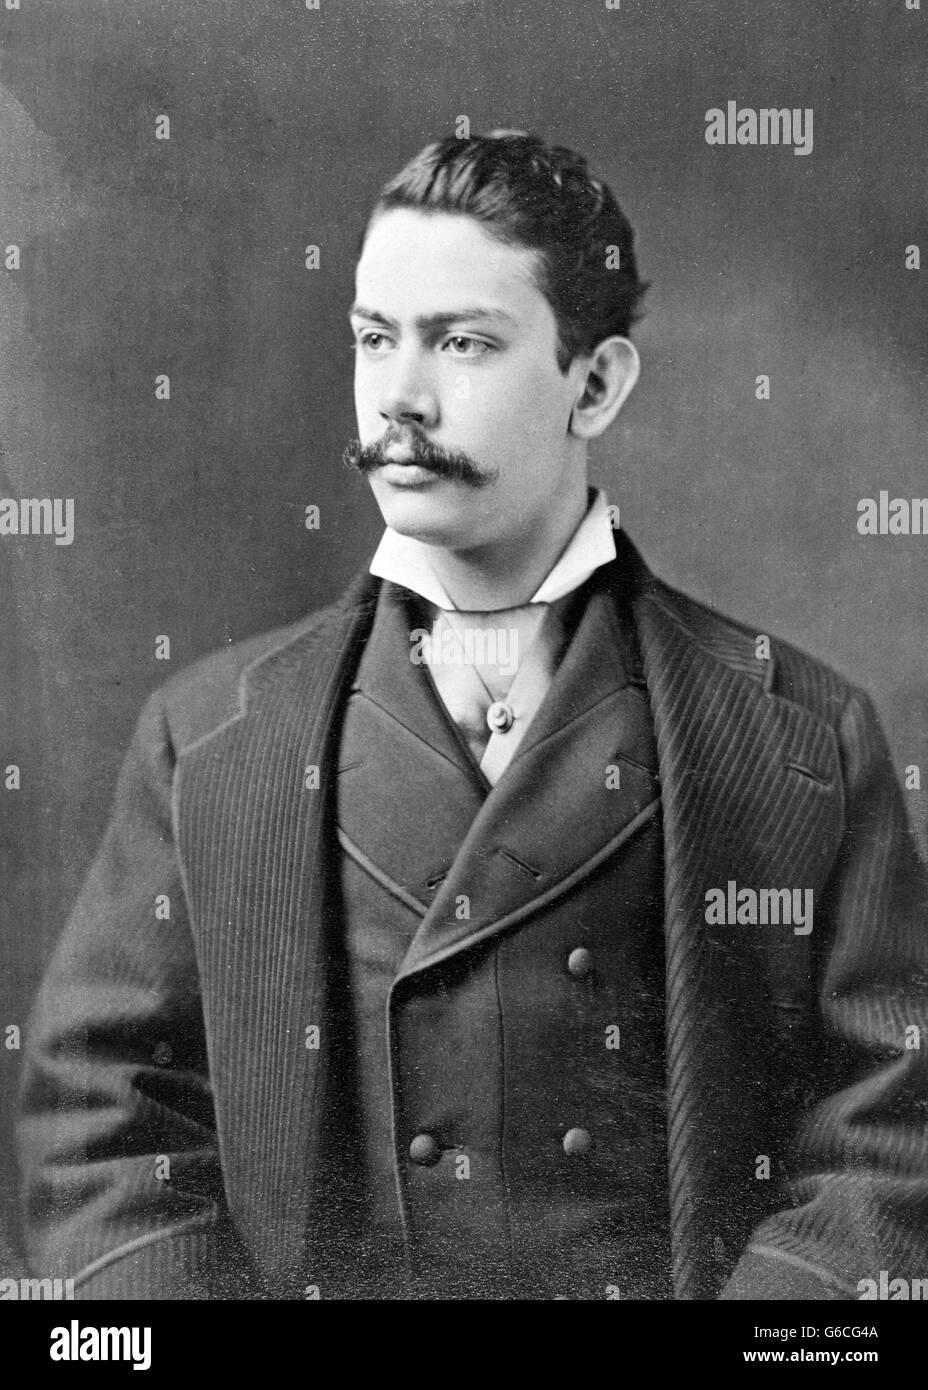 1890s giro del 20esimo secolo ritratto uomo che indossa in tre pezzi tuta alare e collare CRAVAT Immagini Stock